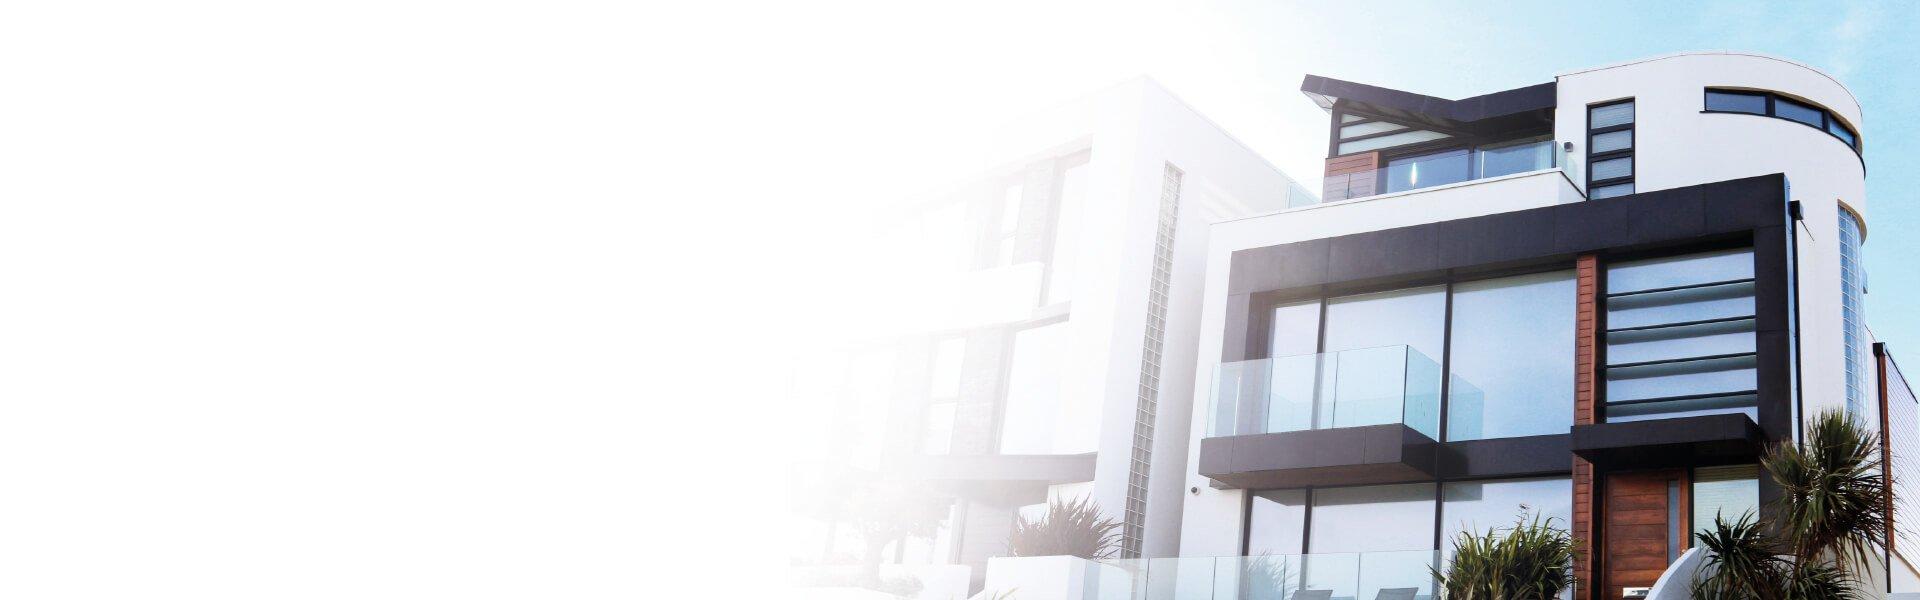 Foto de una fachada de una casa moderna con cristaleras grandes